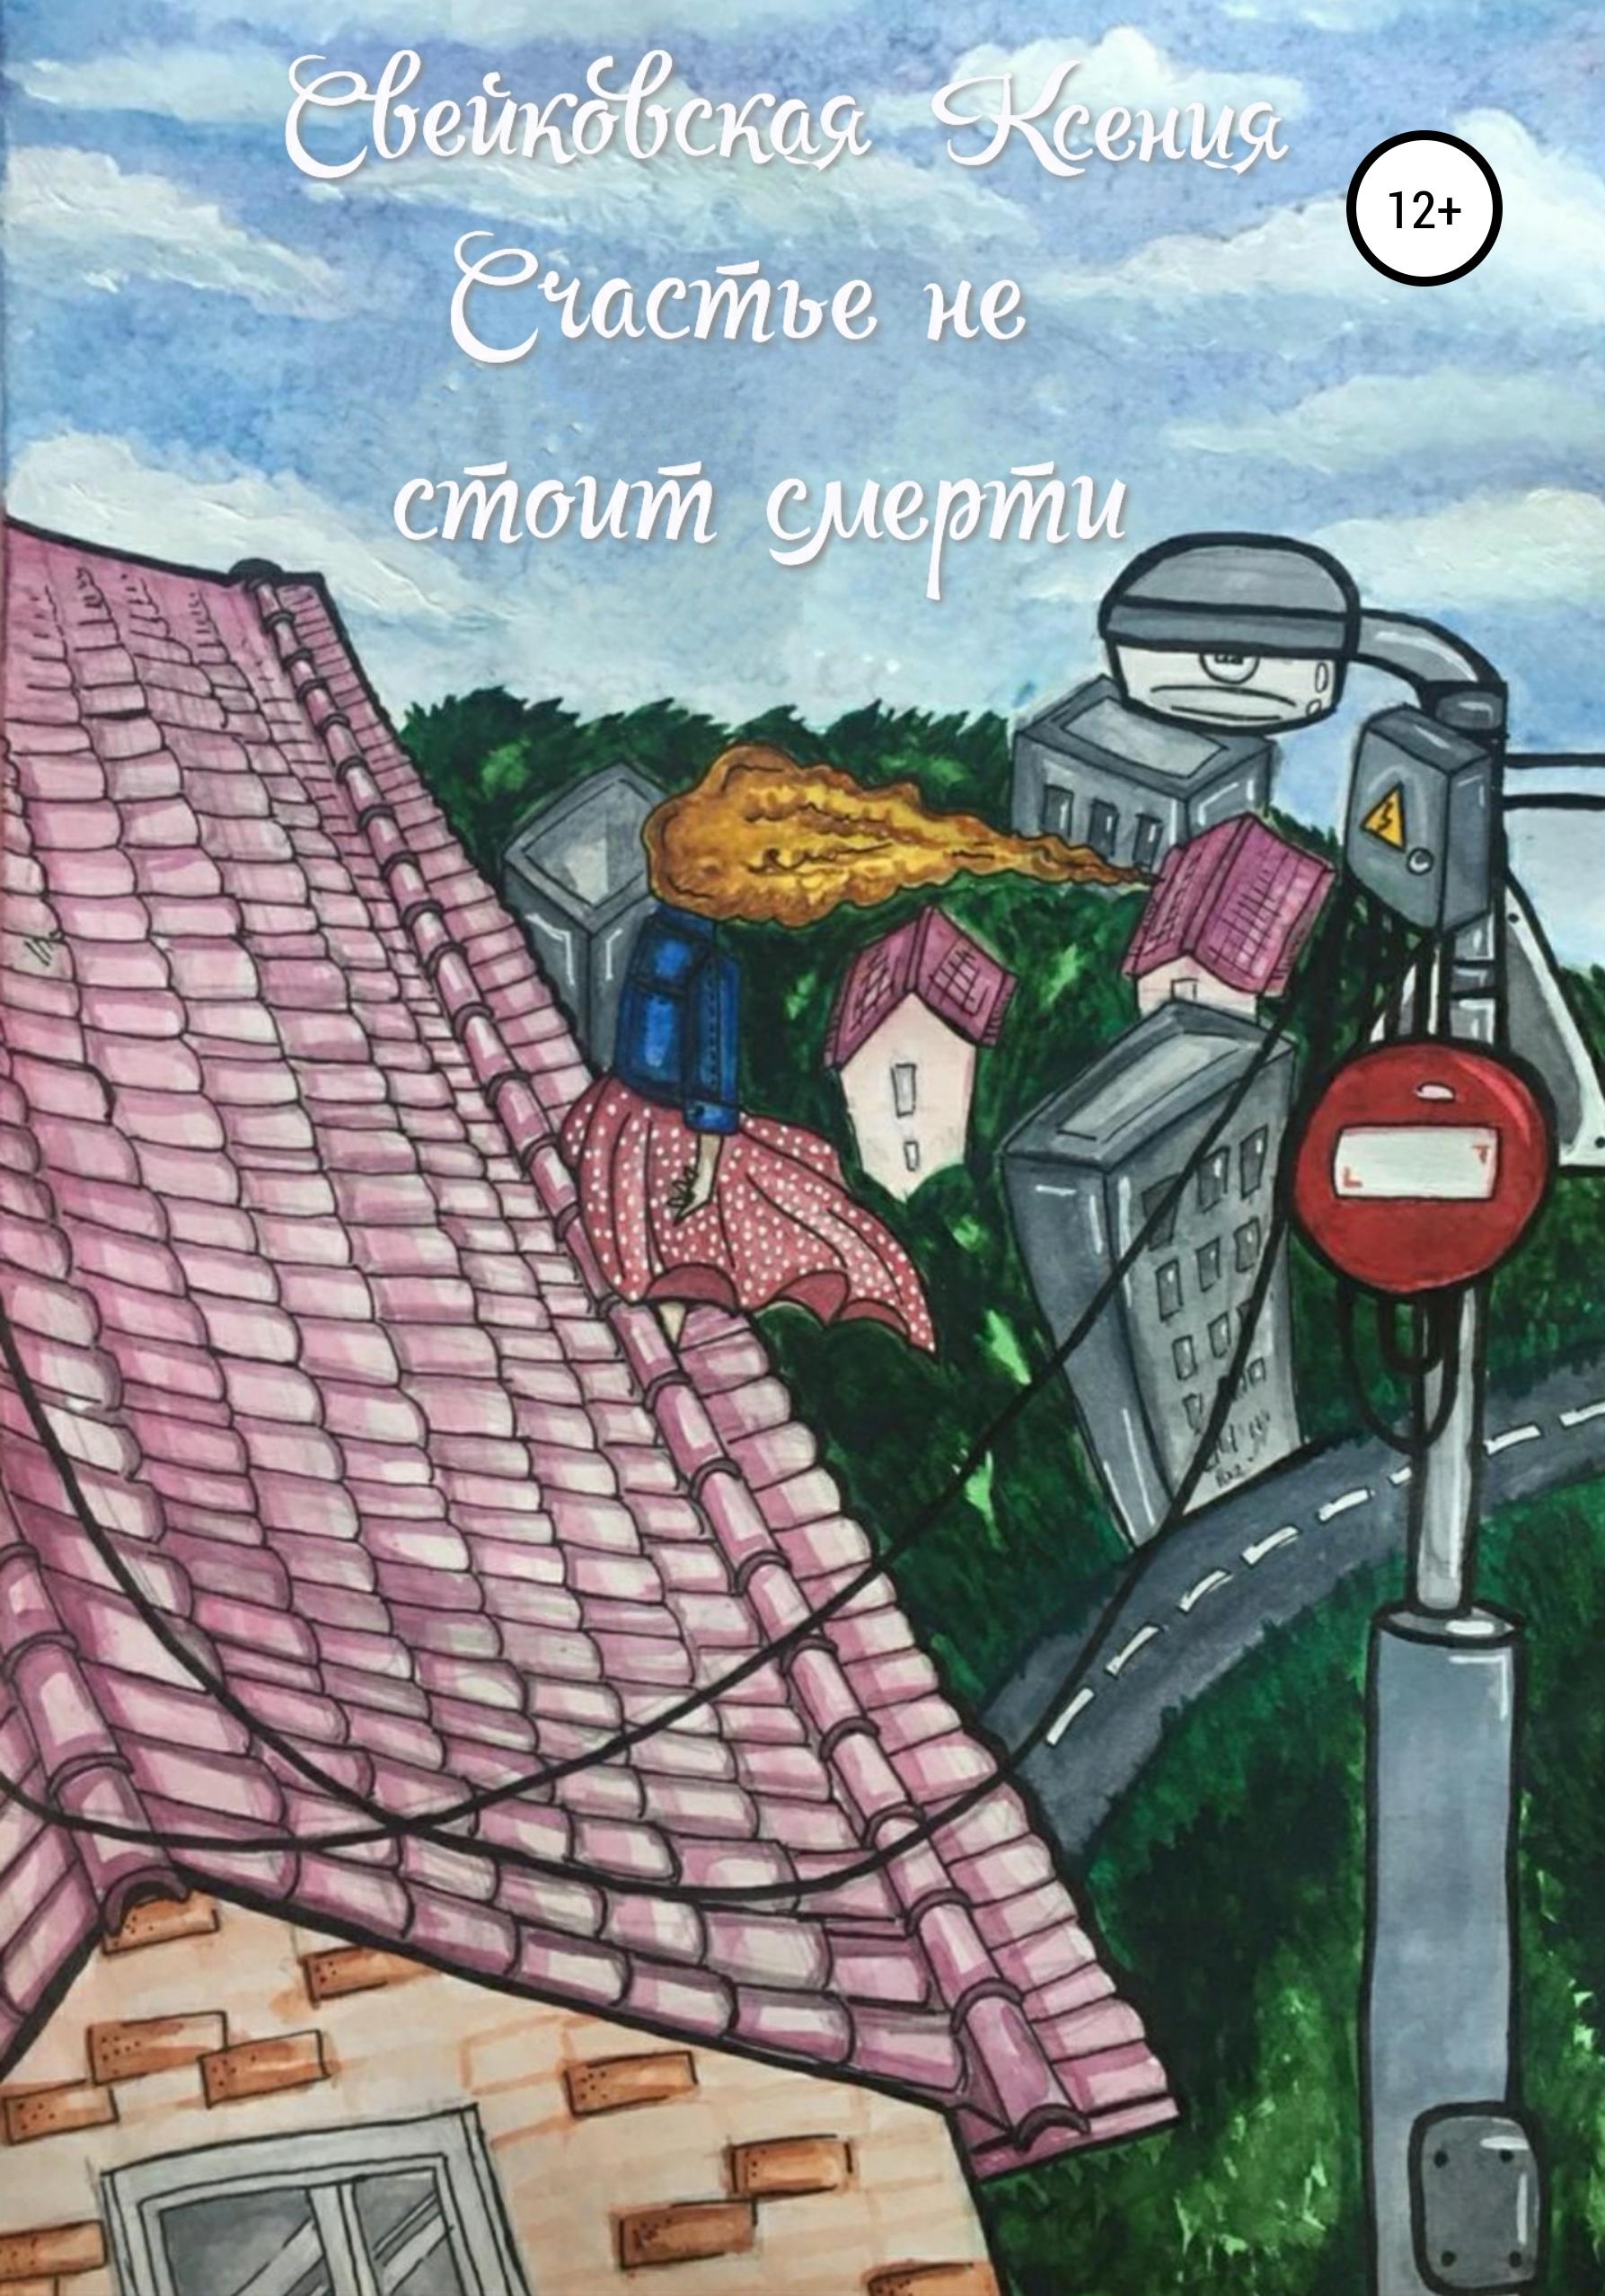 Купить книгу Счастье не стоит смерти, автора Ксении Валерьевны Свейковской